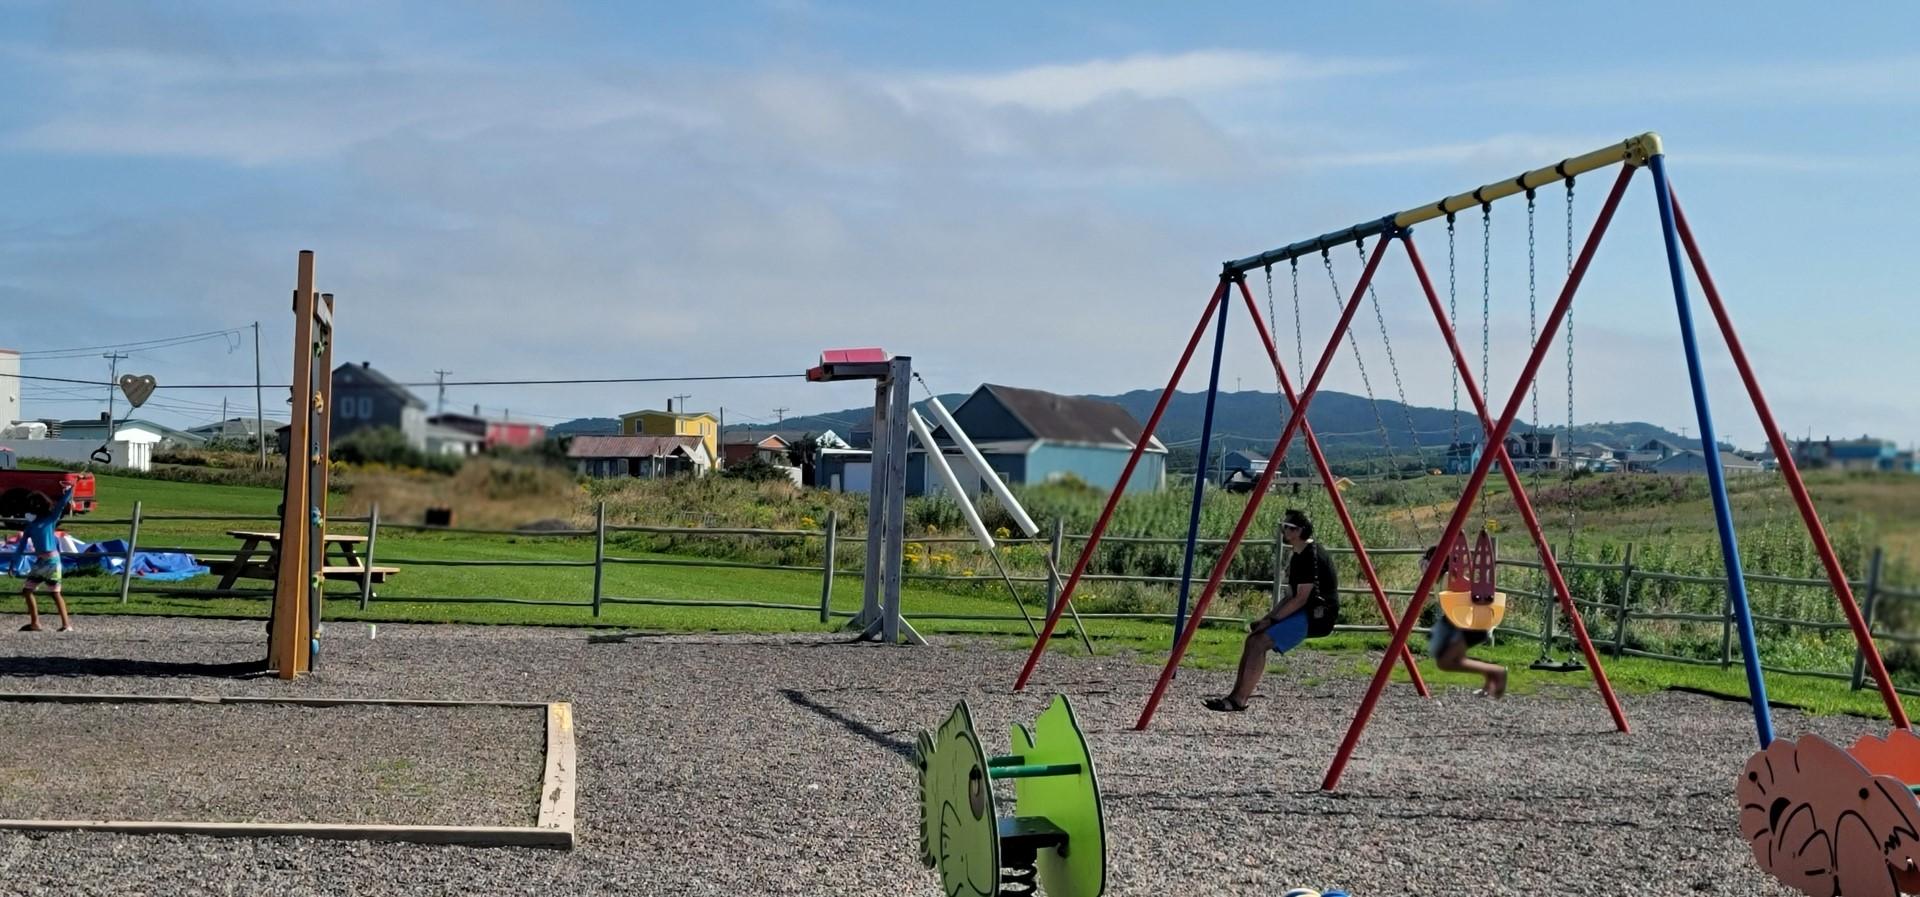 Playground at Site de la Cote